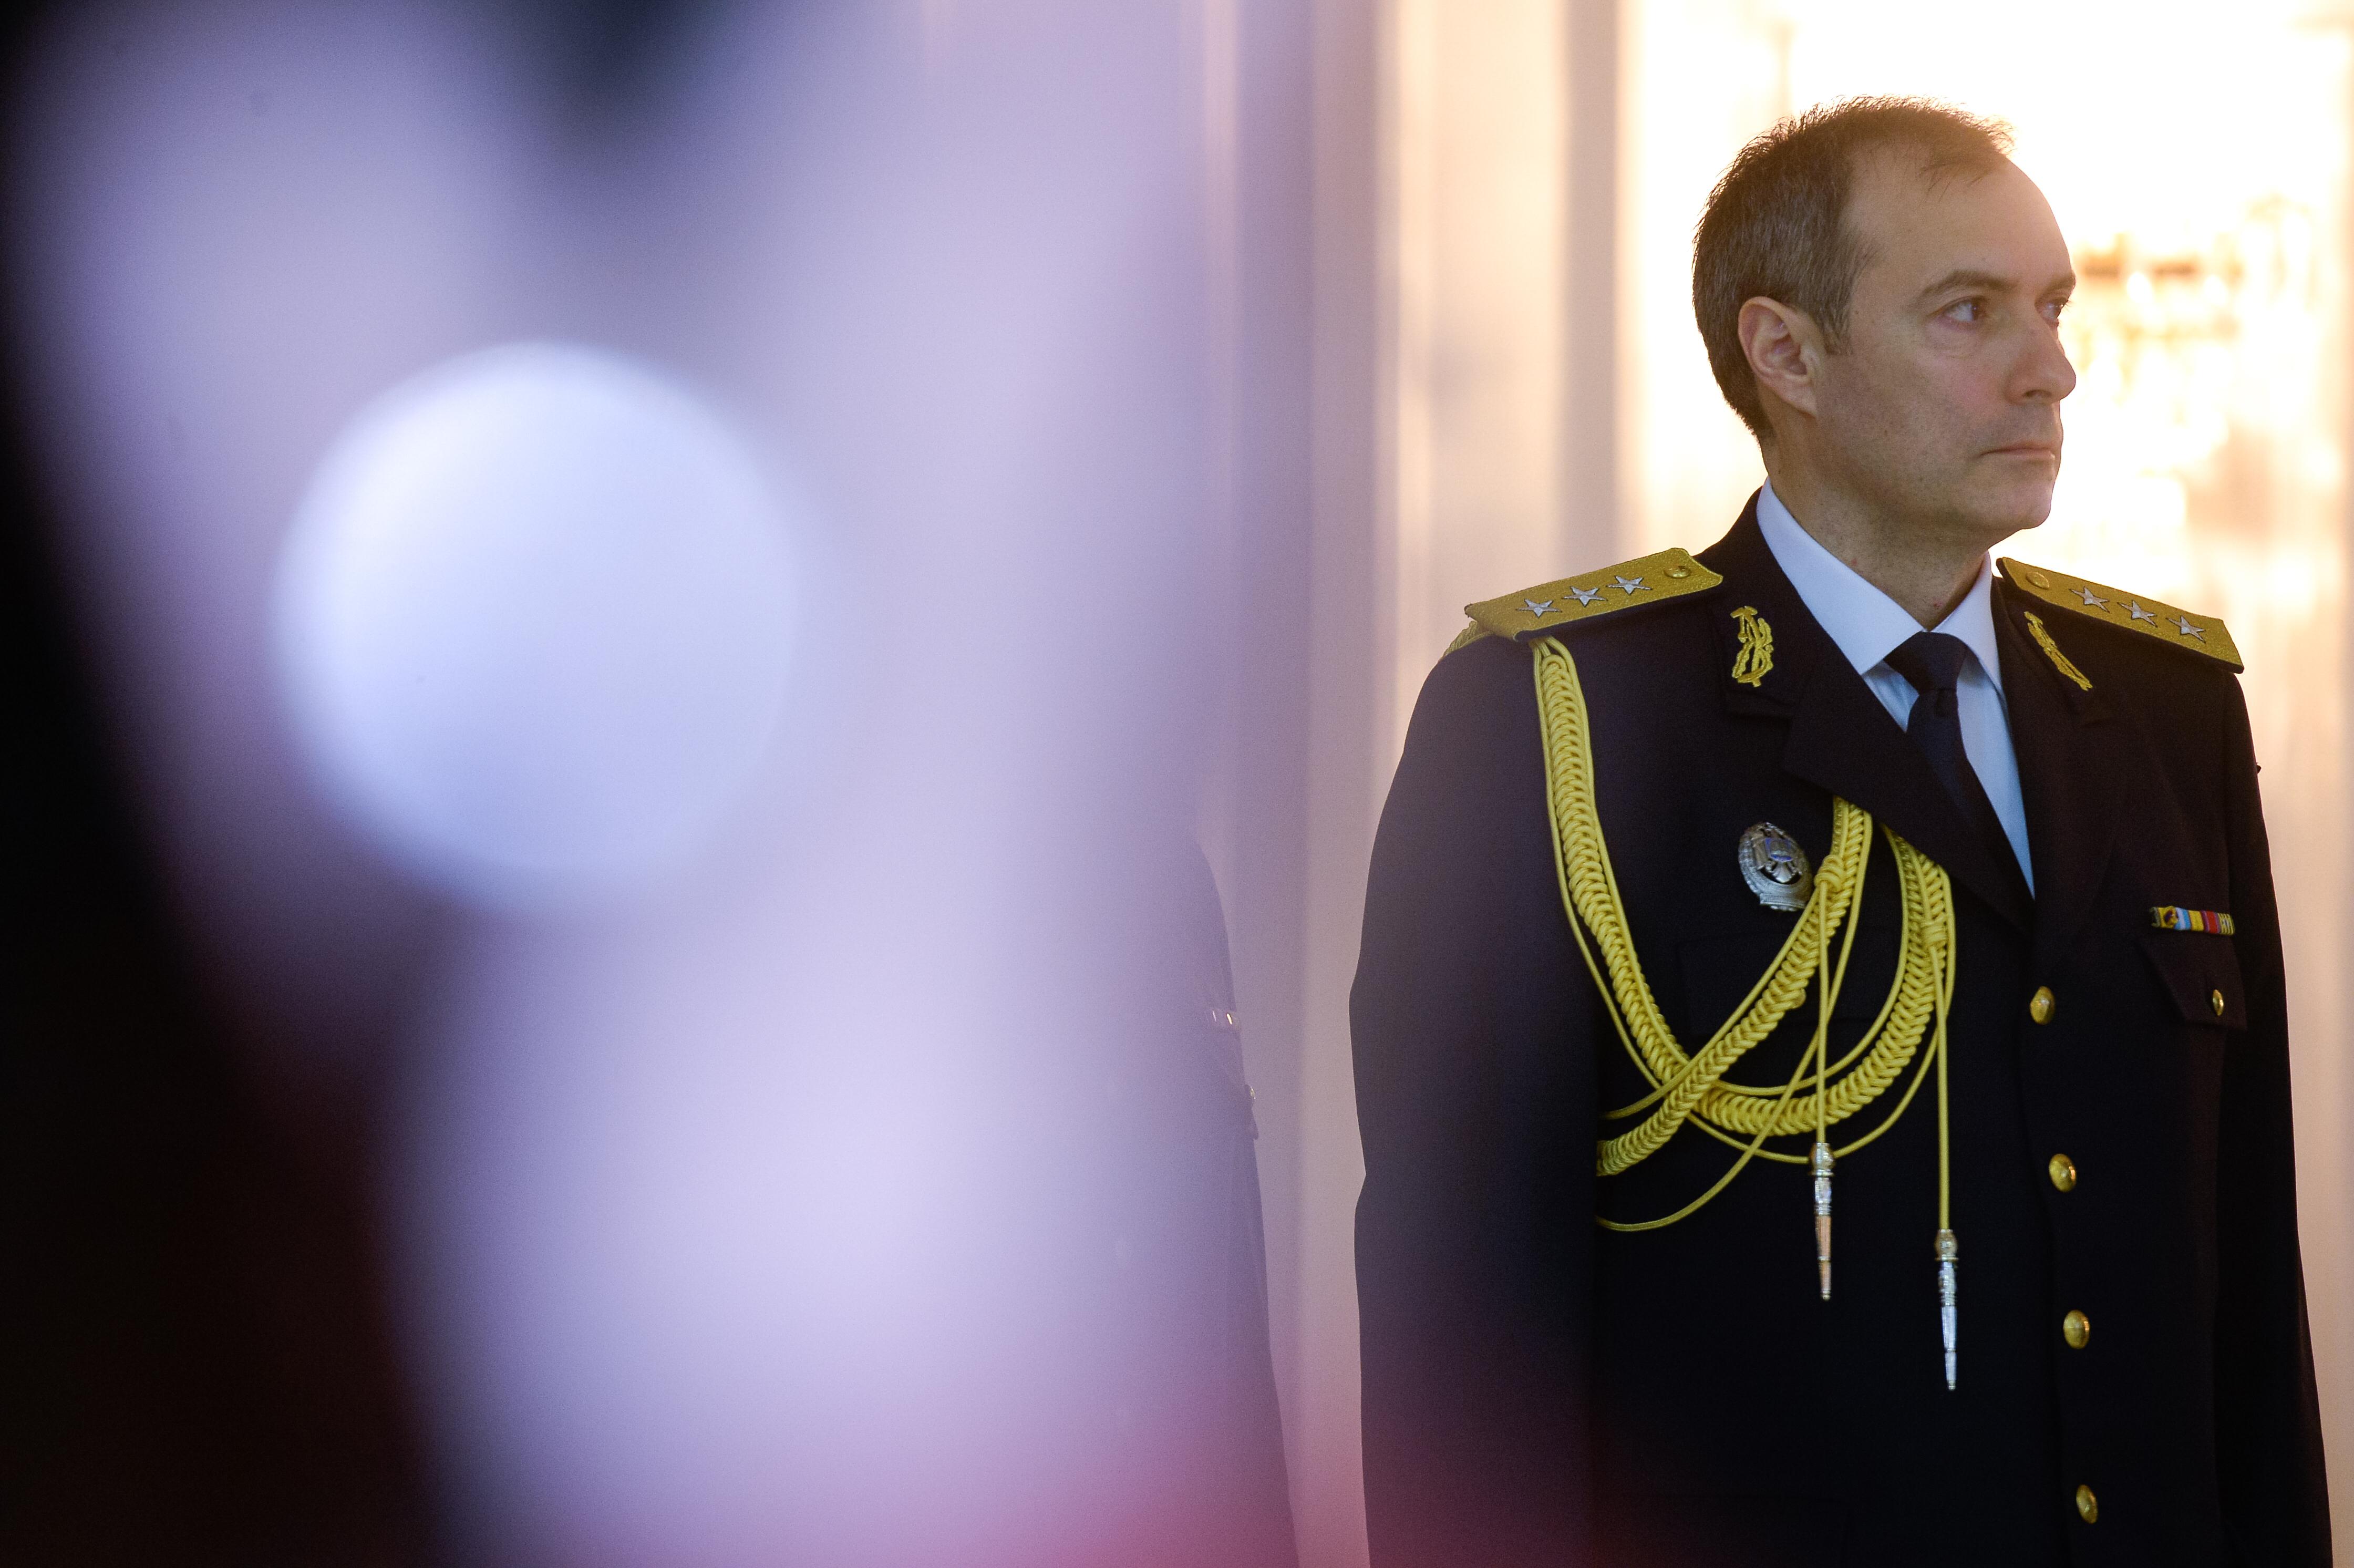 Coldea scrie Comisiei de anchetă a alegerilor din 2009: `Am avut şi activităţi cu caracter privat`